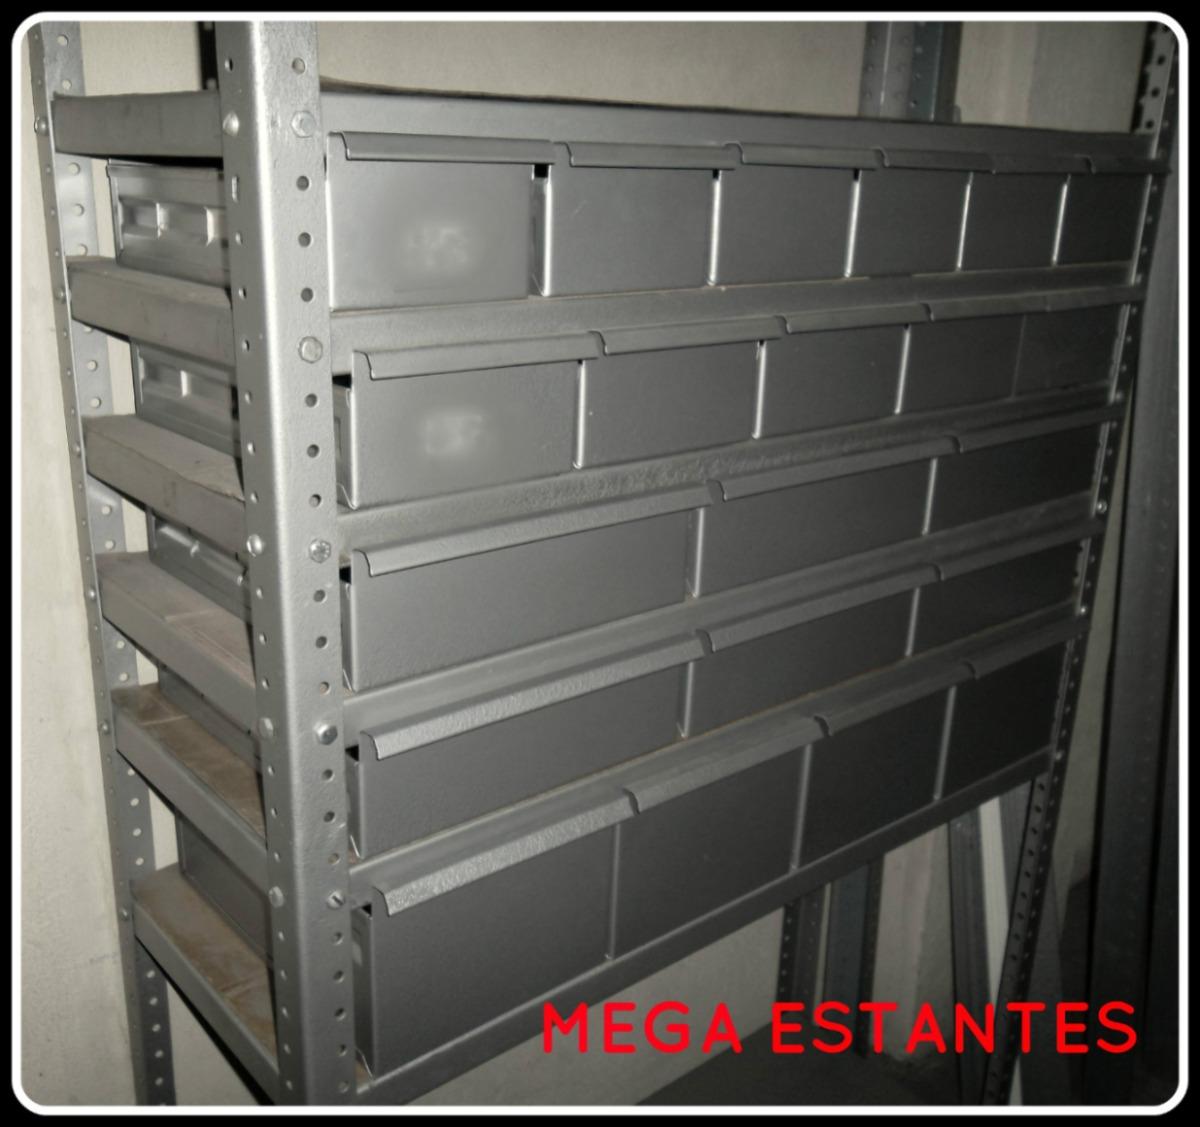 Caj n gaveta para anaquel estante estanter a met lica c 22 en mercado libre - Estante con cajon ...